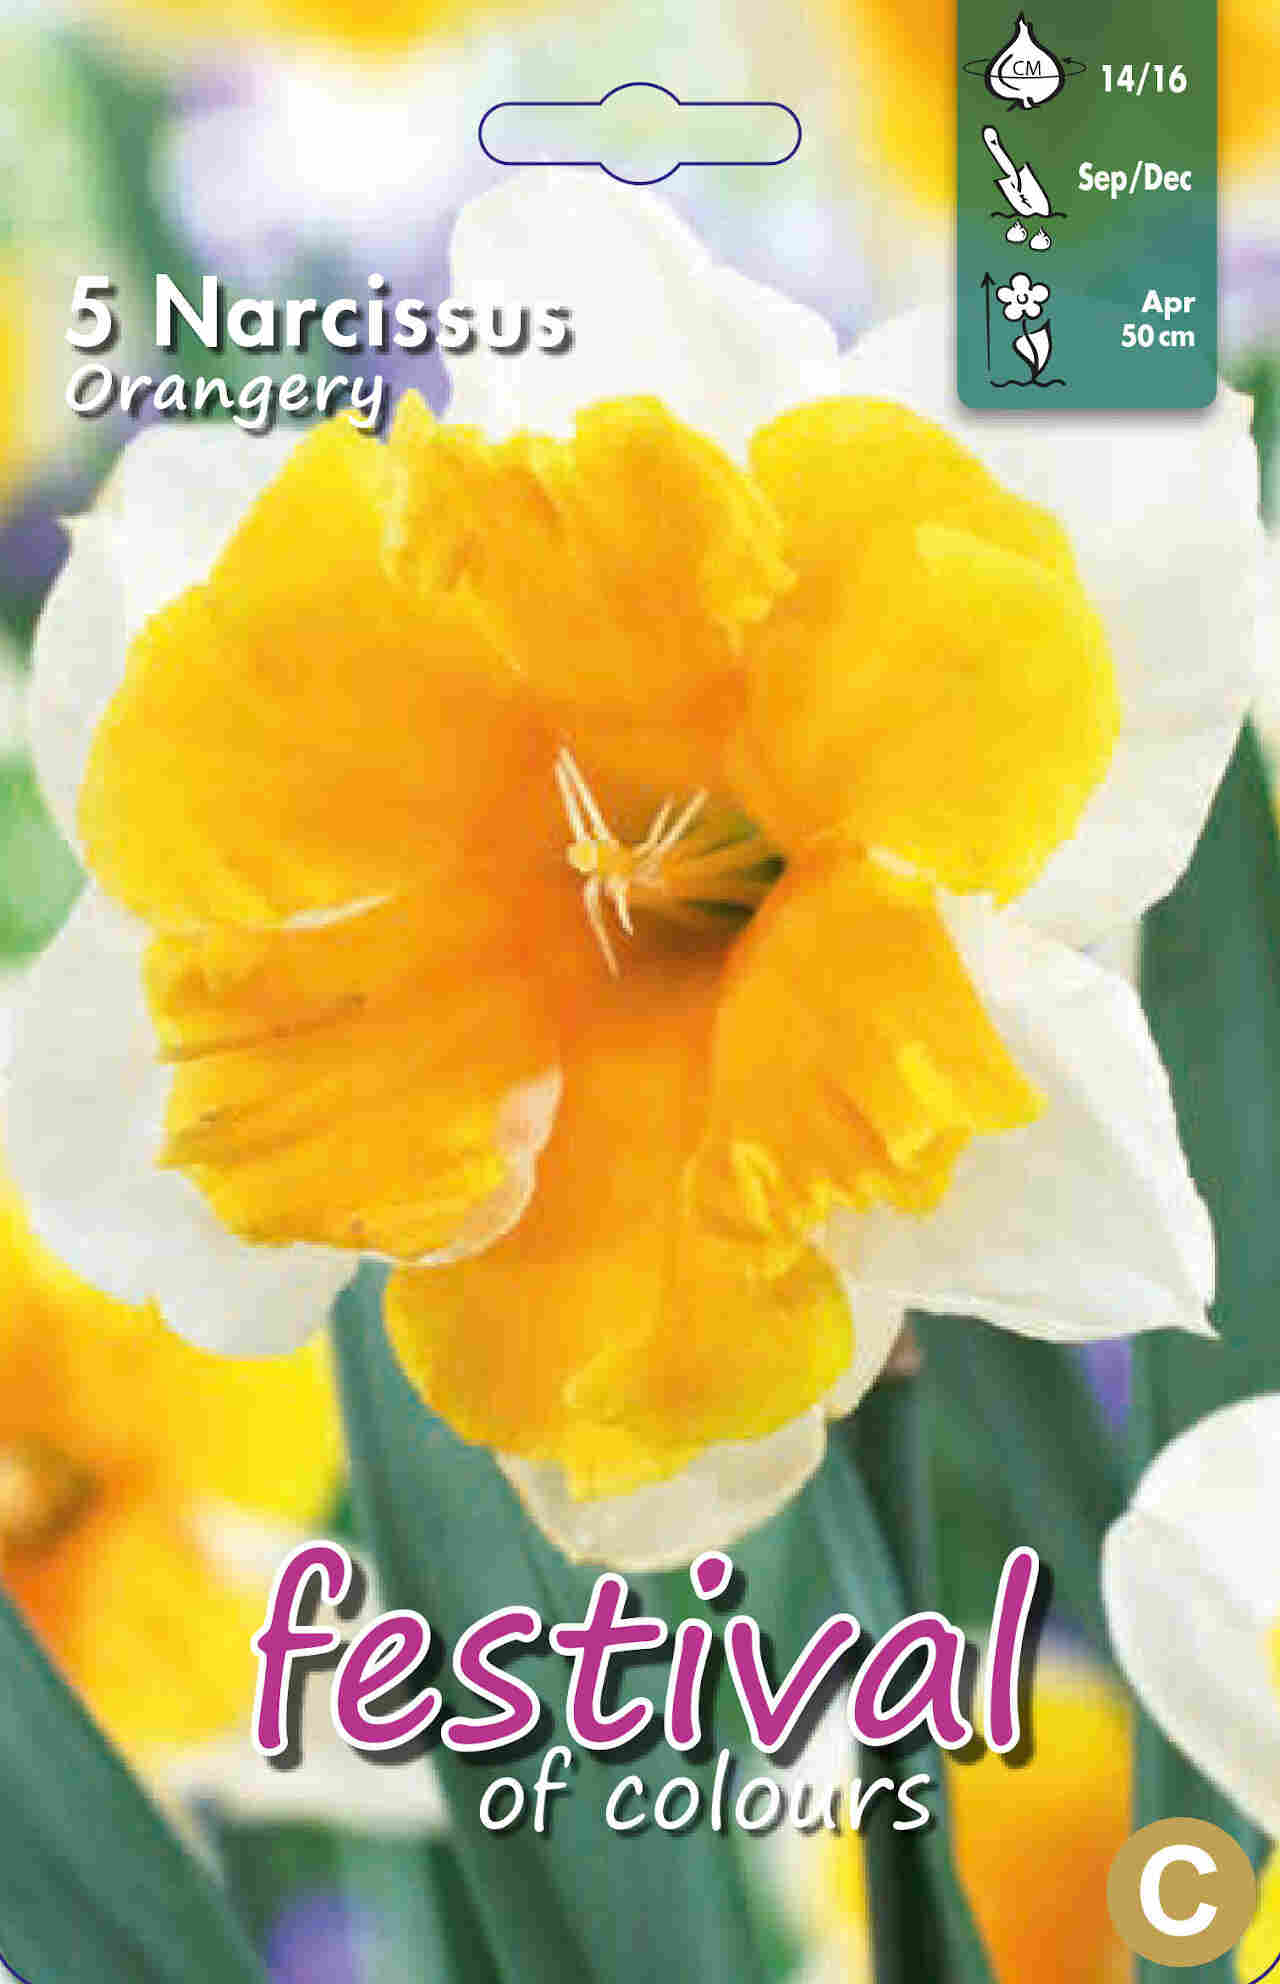 Påskeliljeløg - Narcissus Orangery 14/16